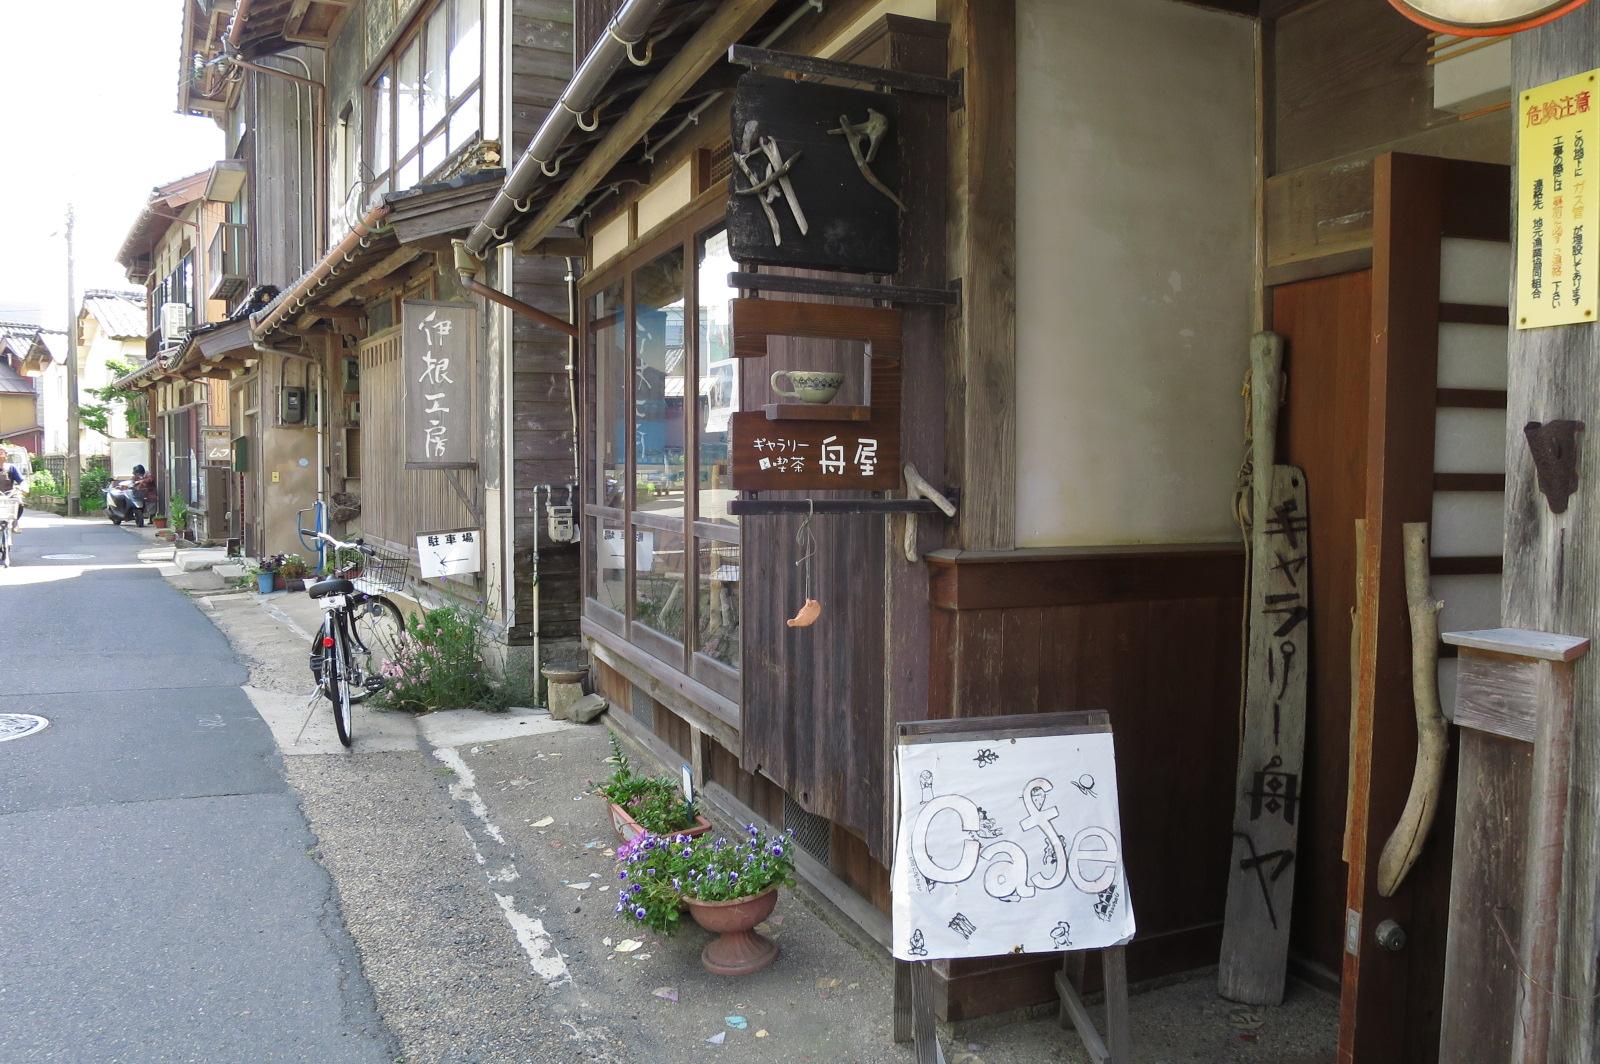 「ギャラリー舟屋」。オーナーの陶芸作品と絵が展示されています。カフェもありましたので・・・・・